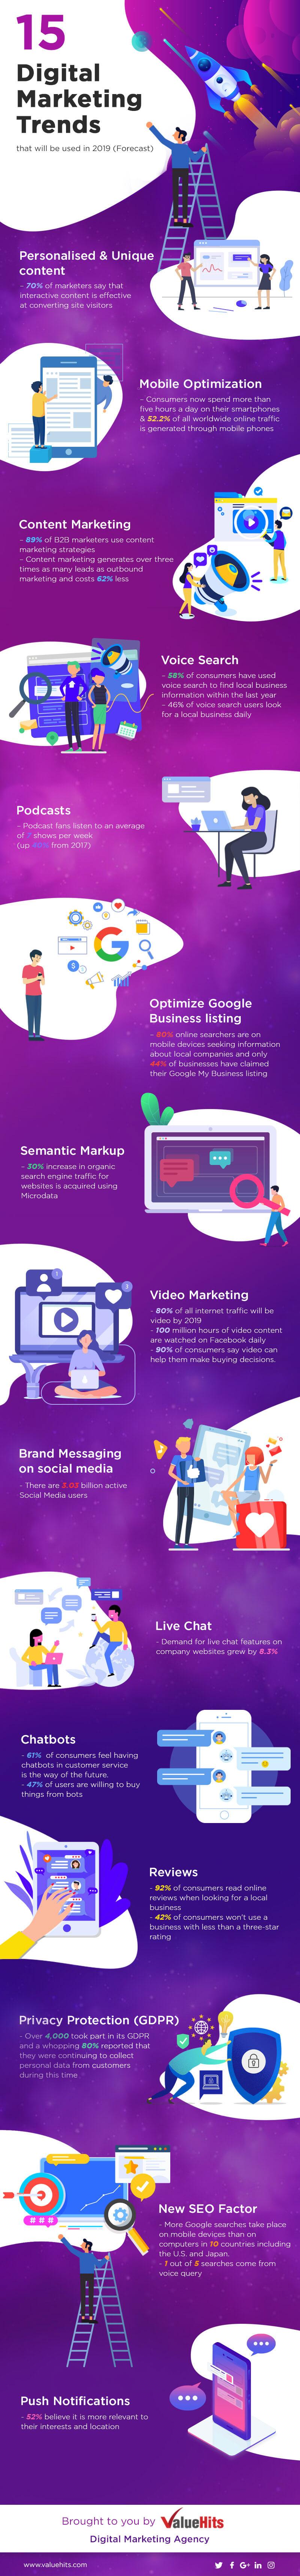 15 xu hướng digital marketing số giúp doanh nghiệp phát triển trong năm 2019 [Infographic]